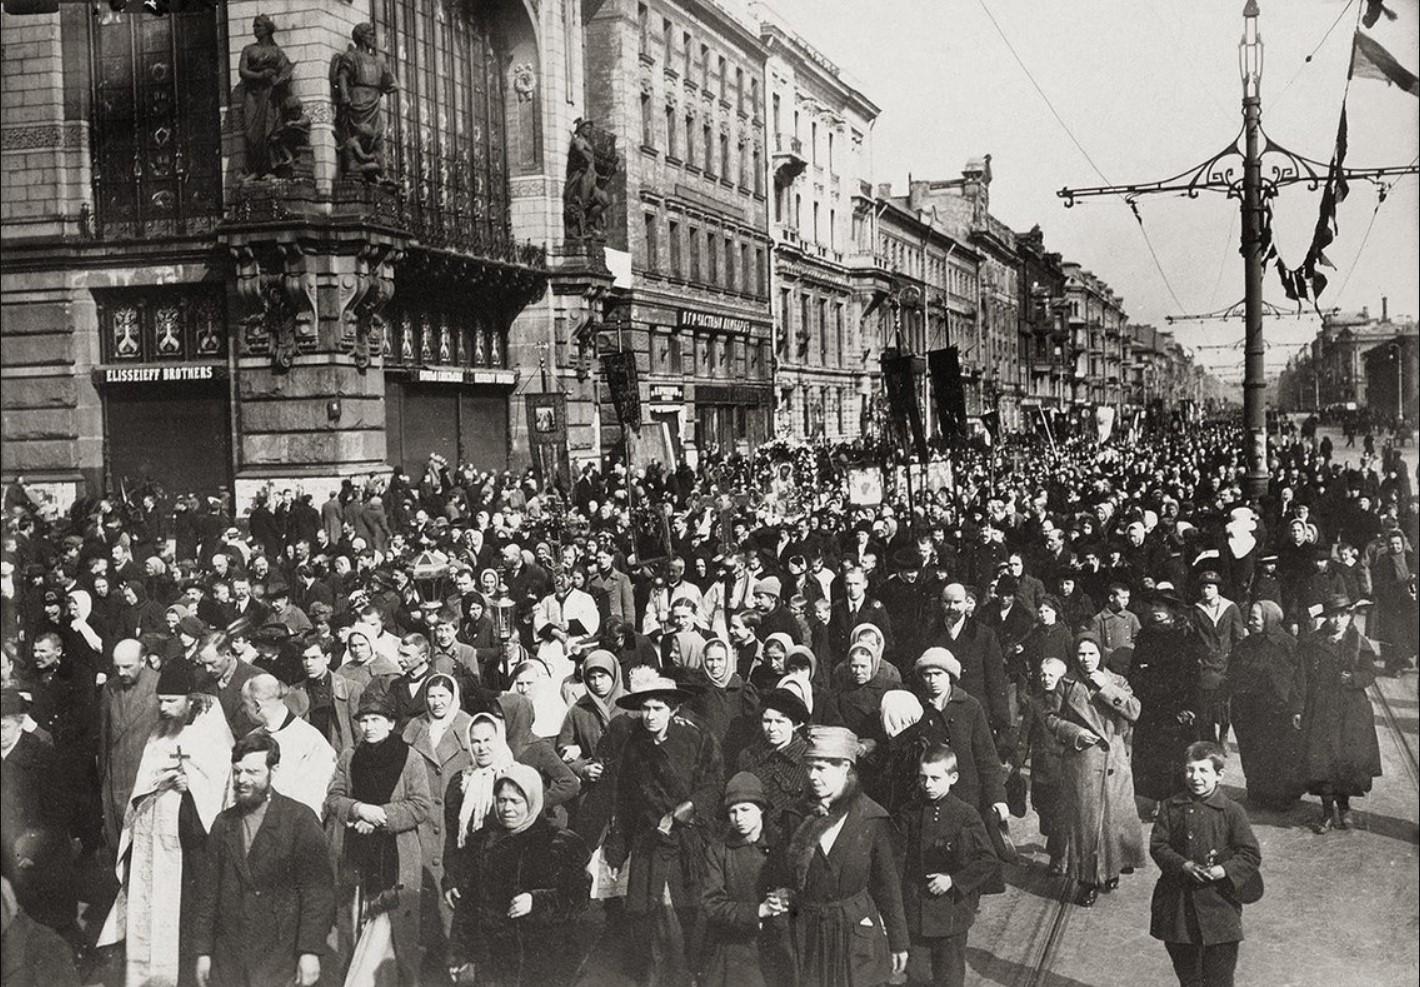 1918. Крестный ход на Невском проспекте по случаю отделения церкви от государства